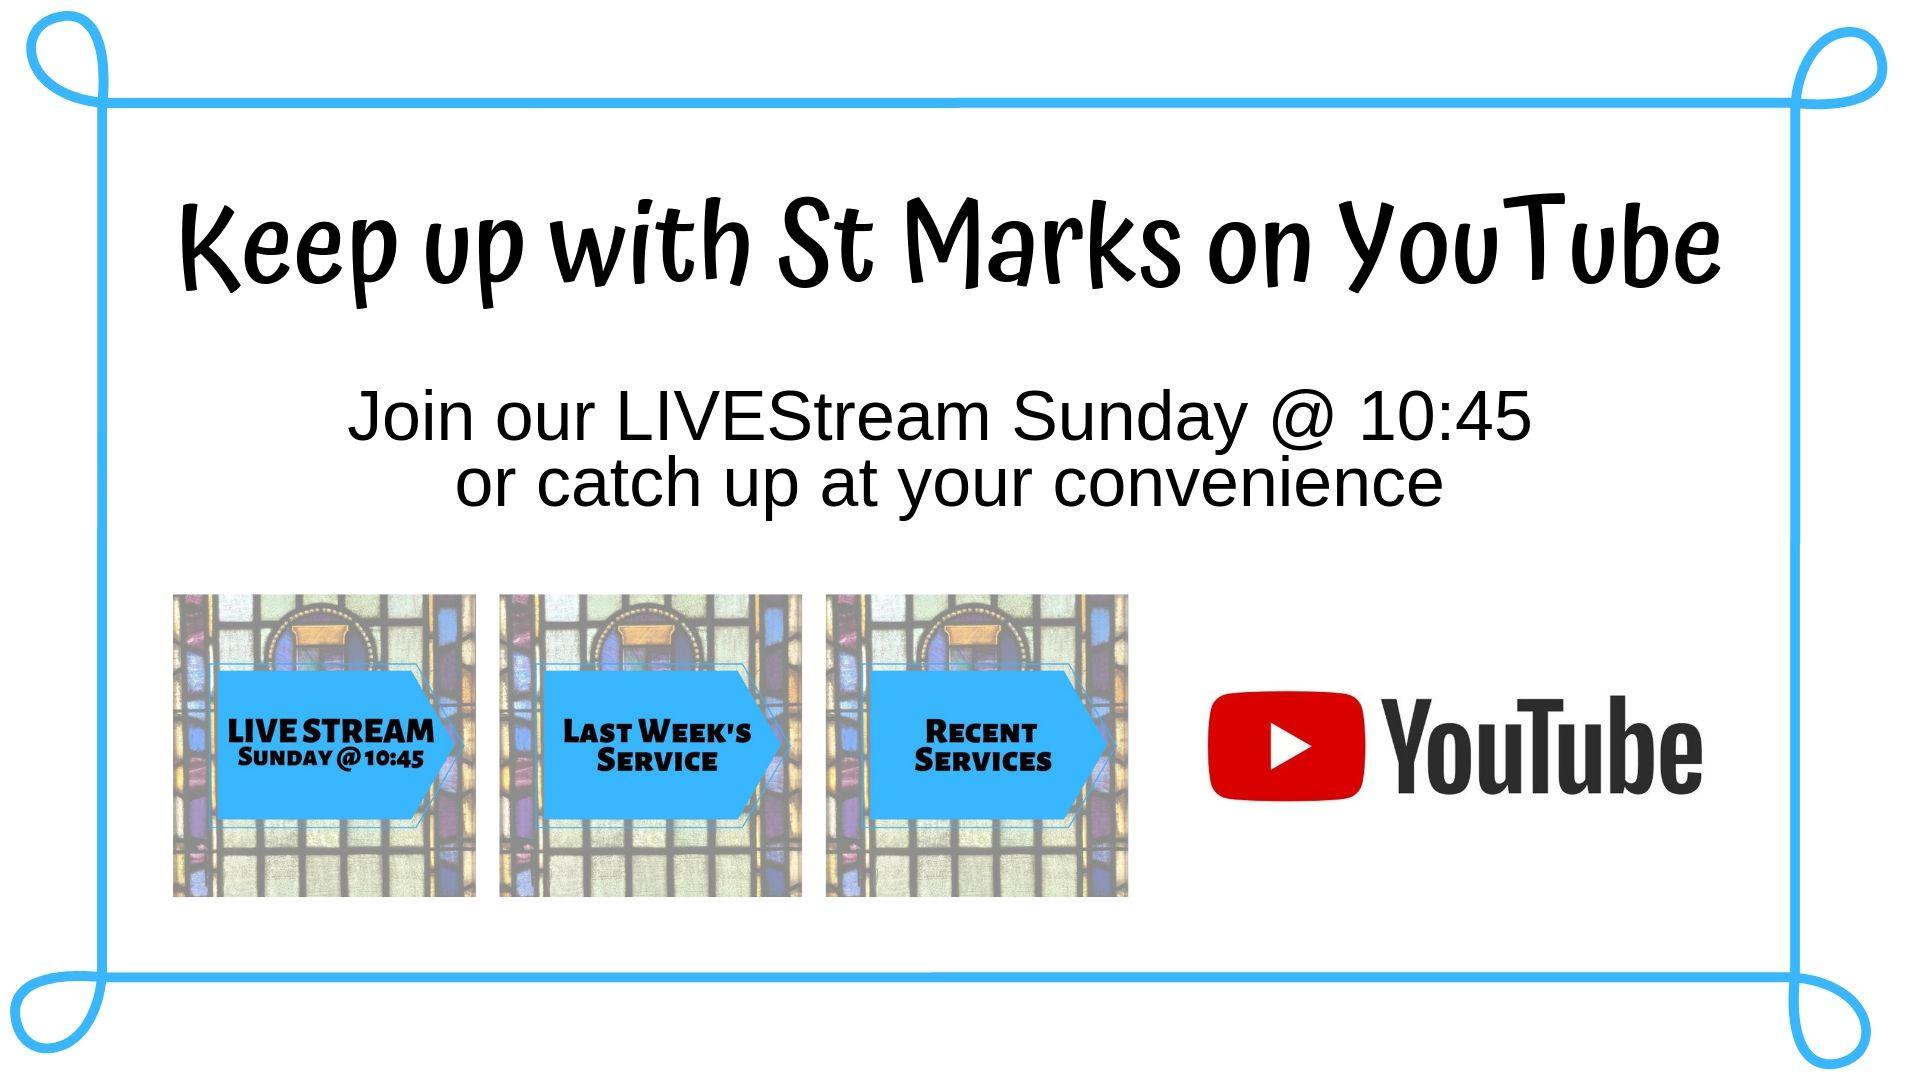 190000-StMarks-YouTube.jpg